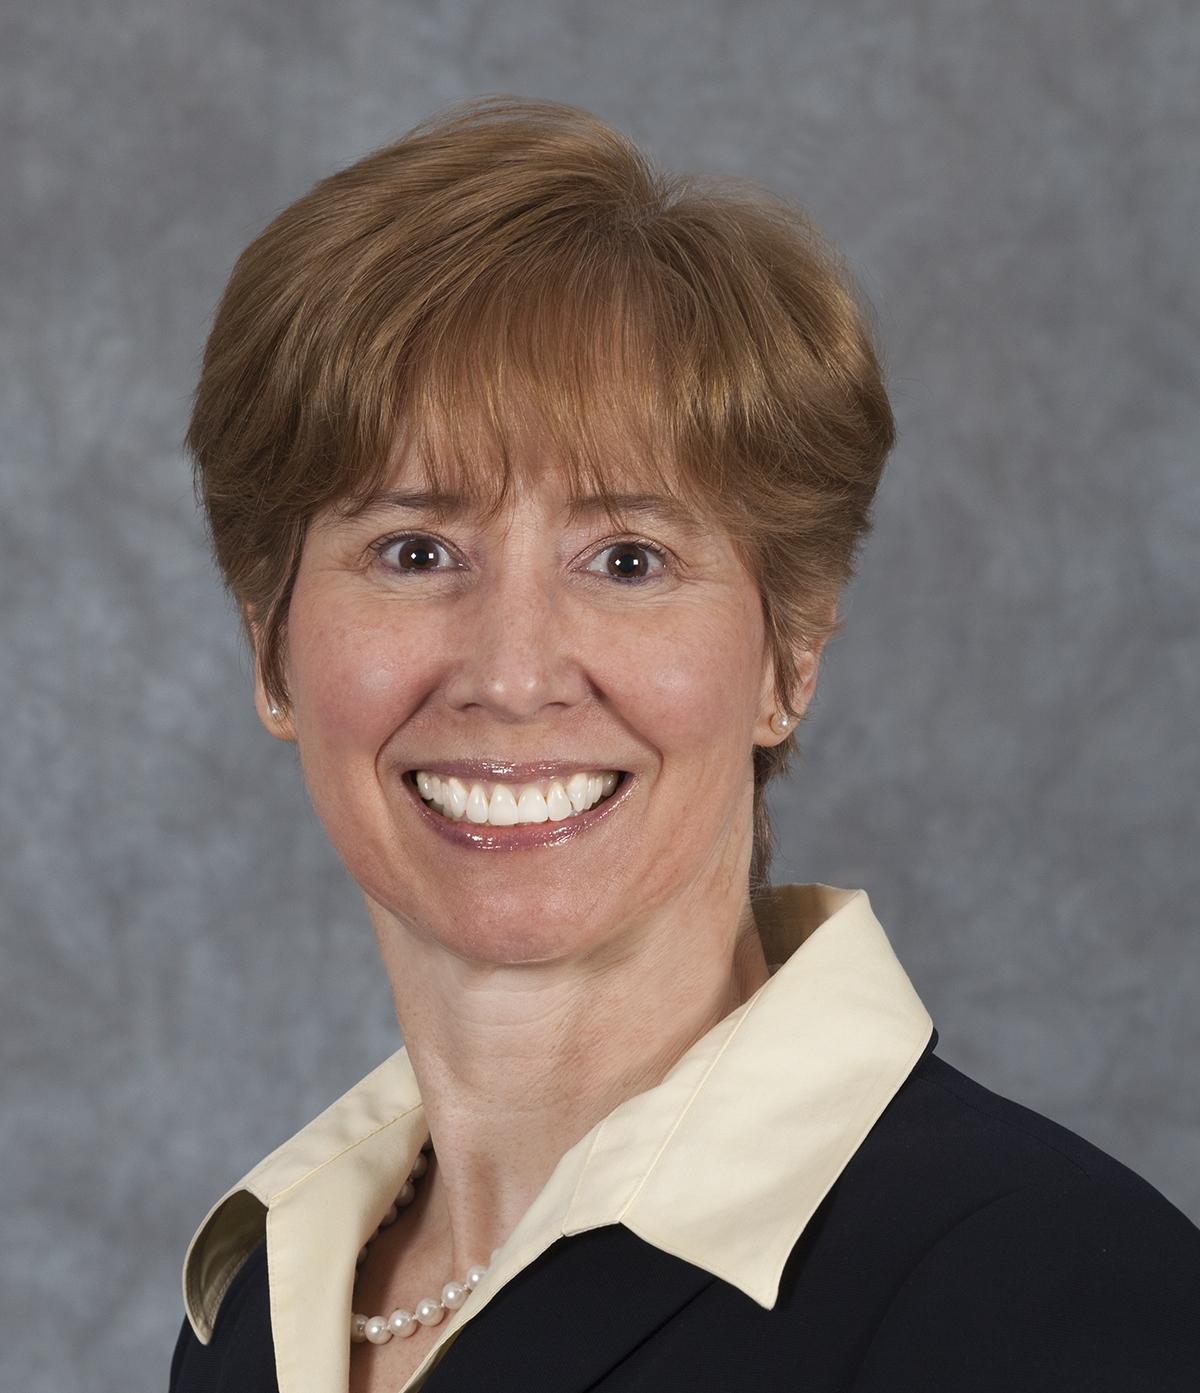 Copy of Karen Hicks (FDA, USA)